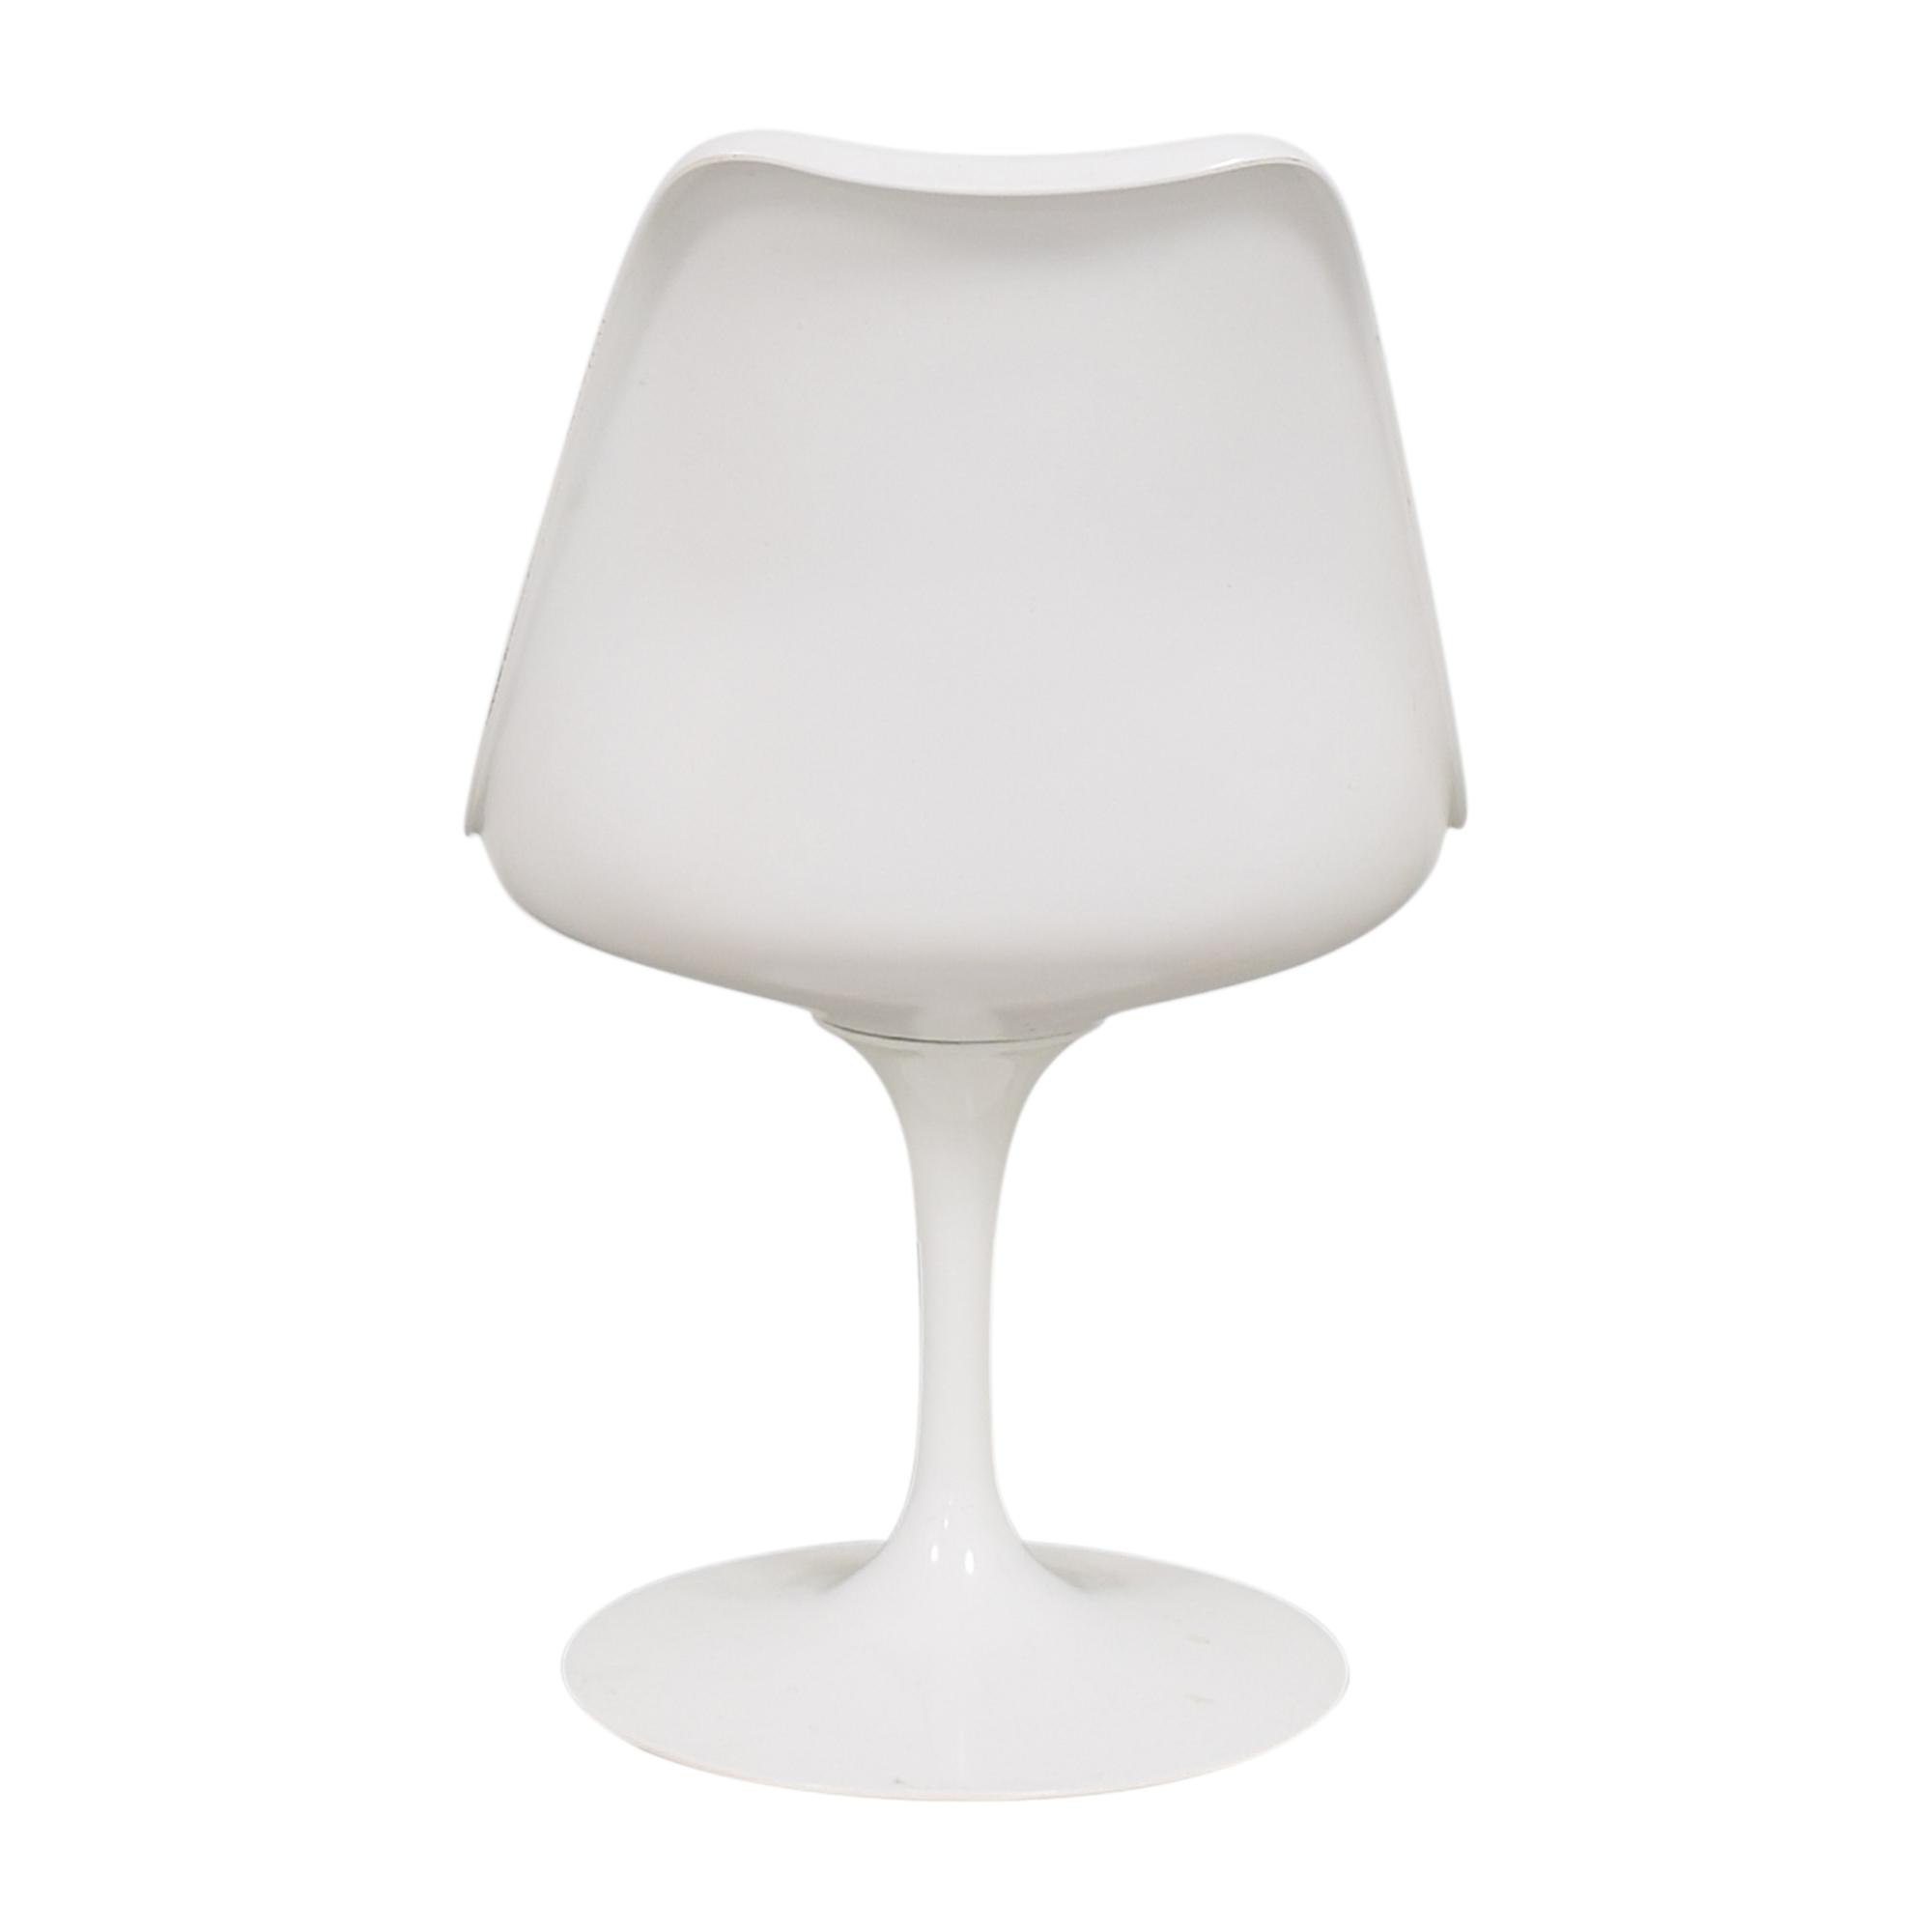 Design Within Reach Design Within Reach Saarinen Tulip Side Chair on sale